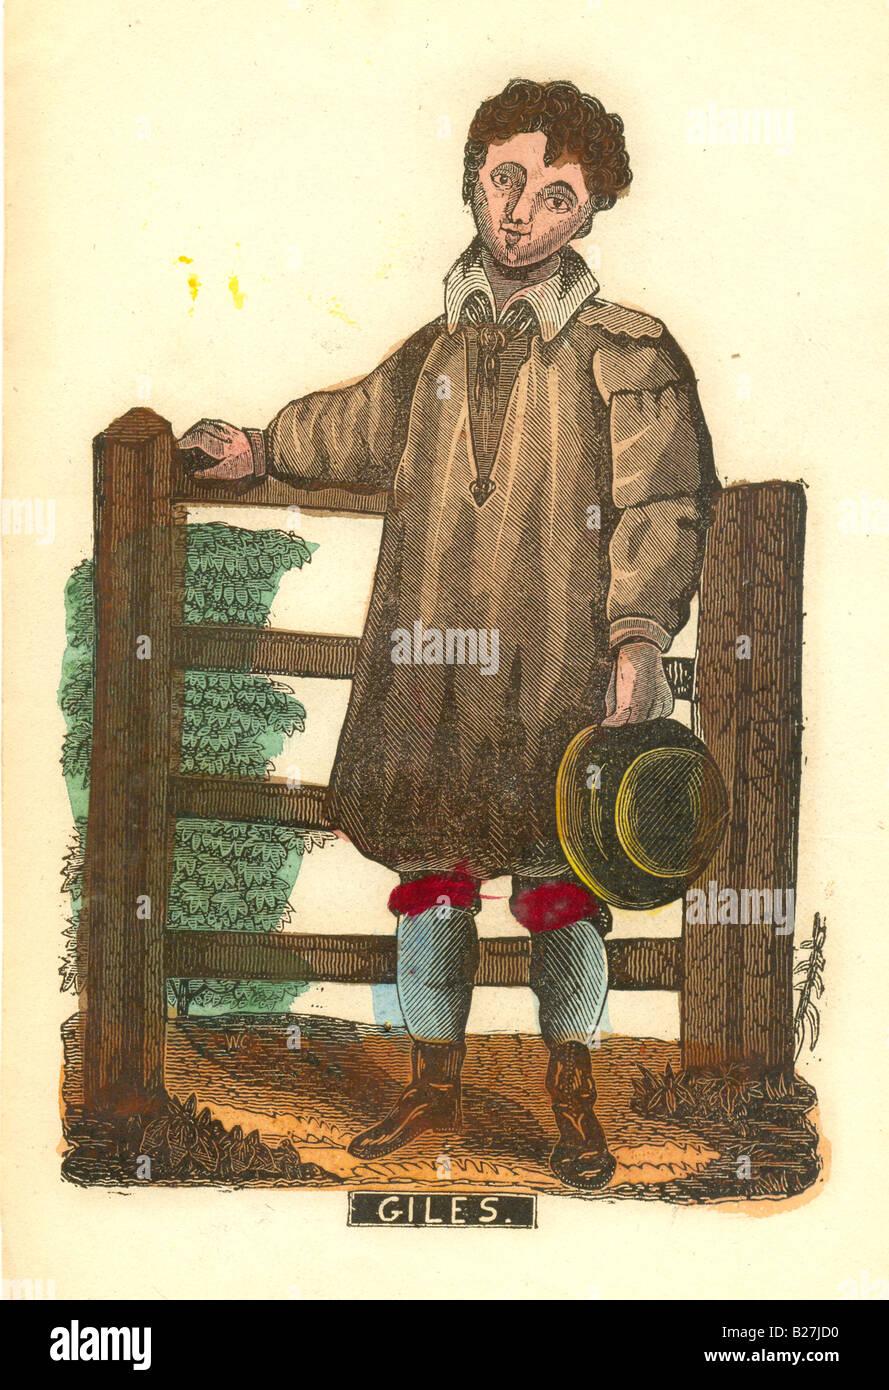 """Handcolored xilogravura de farm boy intitulada 'Giles"""" circa 1840 Imagens de Stock"""